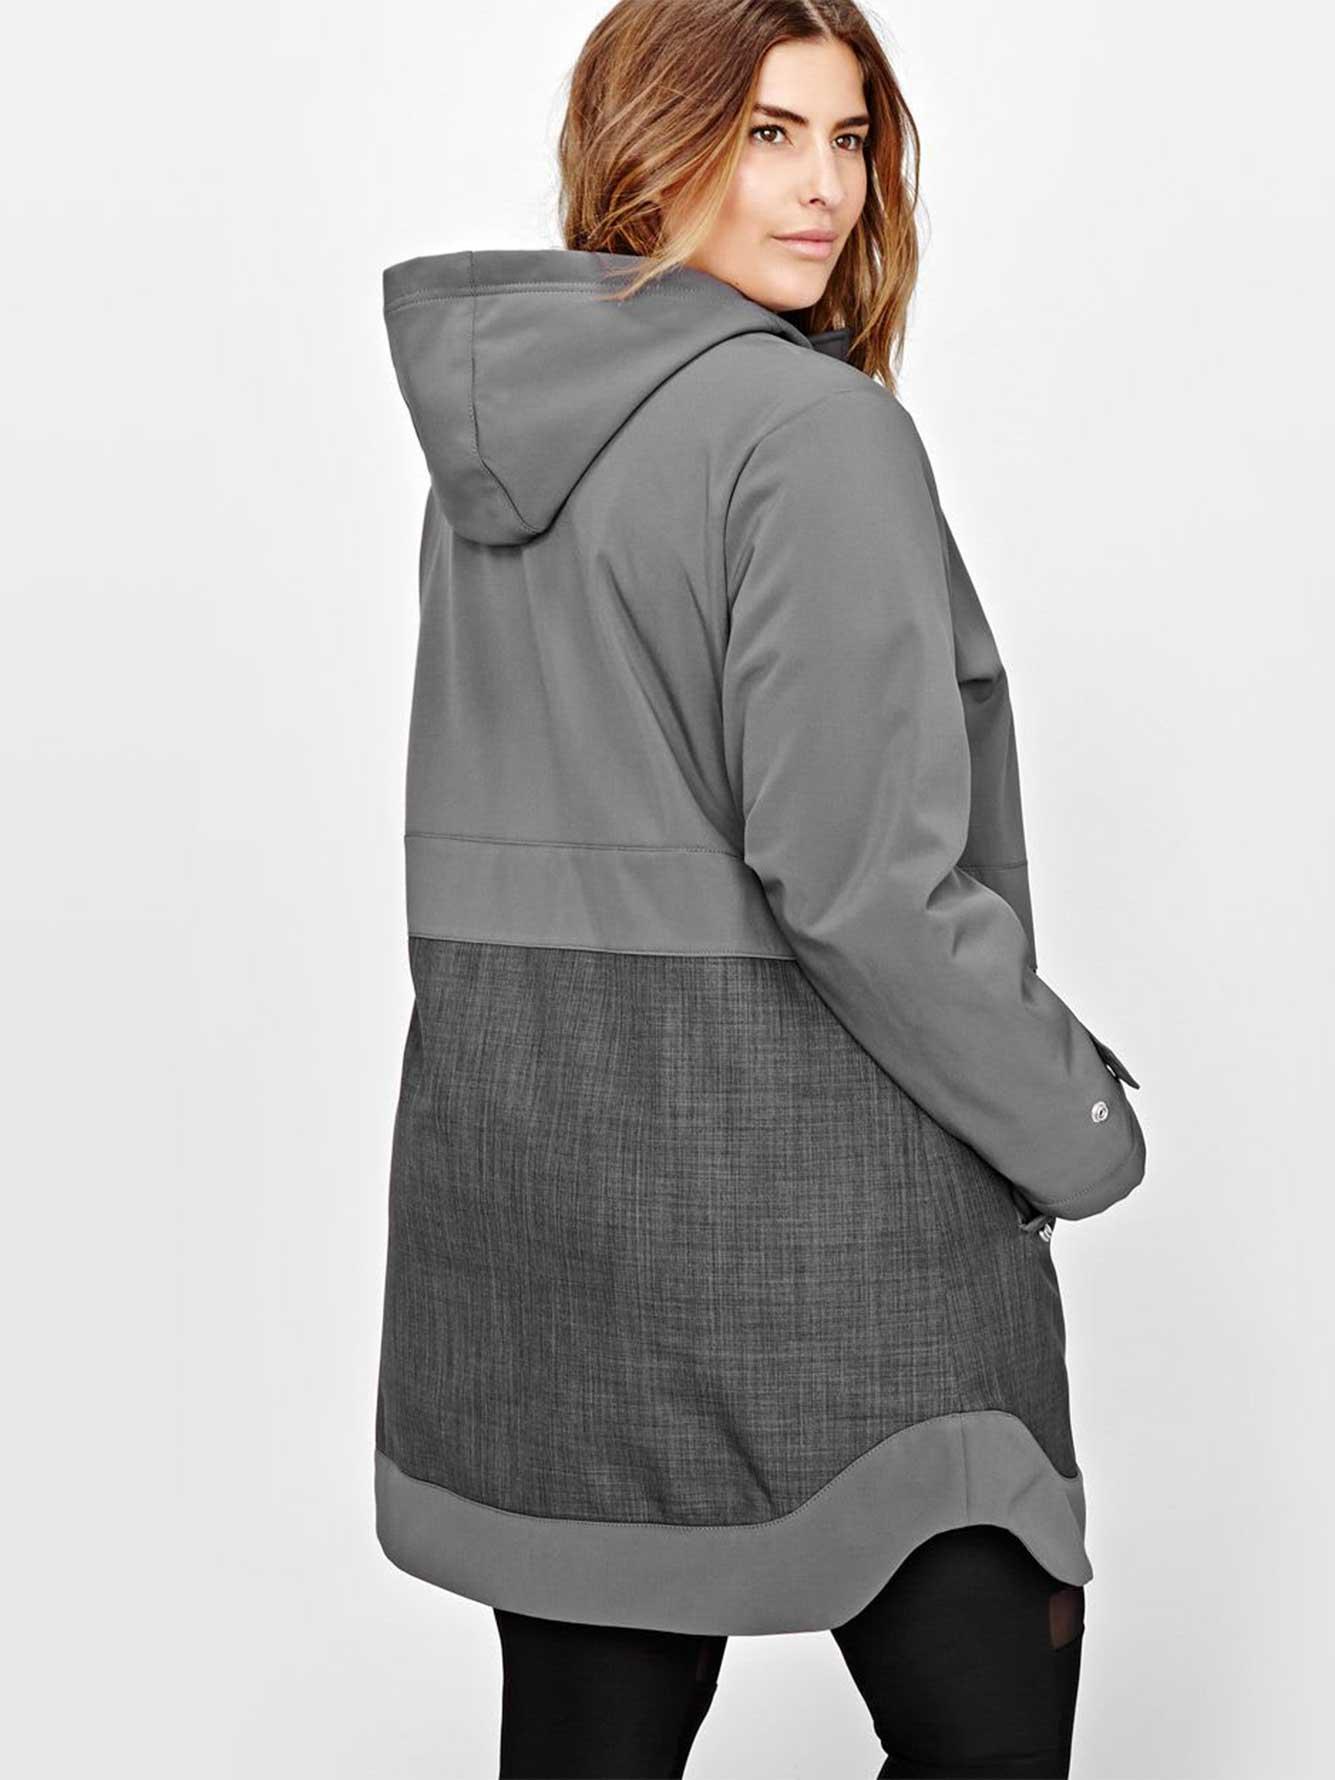 ff11661bdd Nola Softshell Parka Jacket